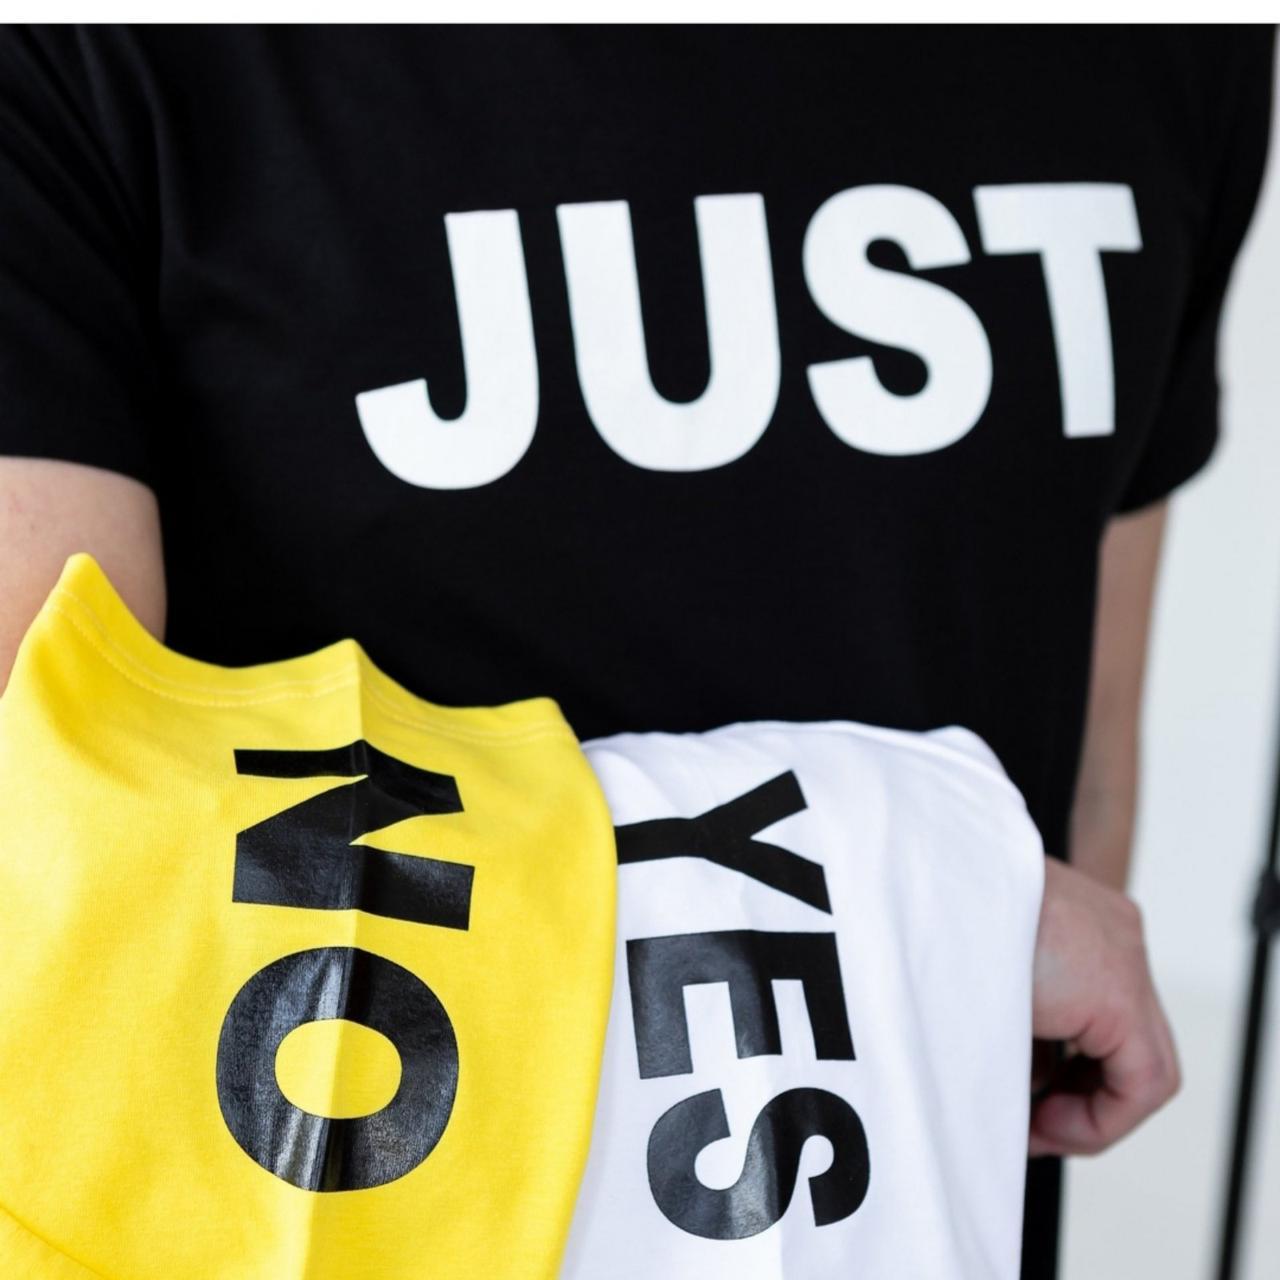 Чоловіча футболка жовта стильна з натуральної бавовни з великим накатом на груди і плечі Just, фото 2